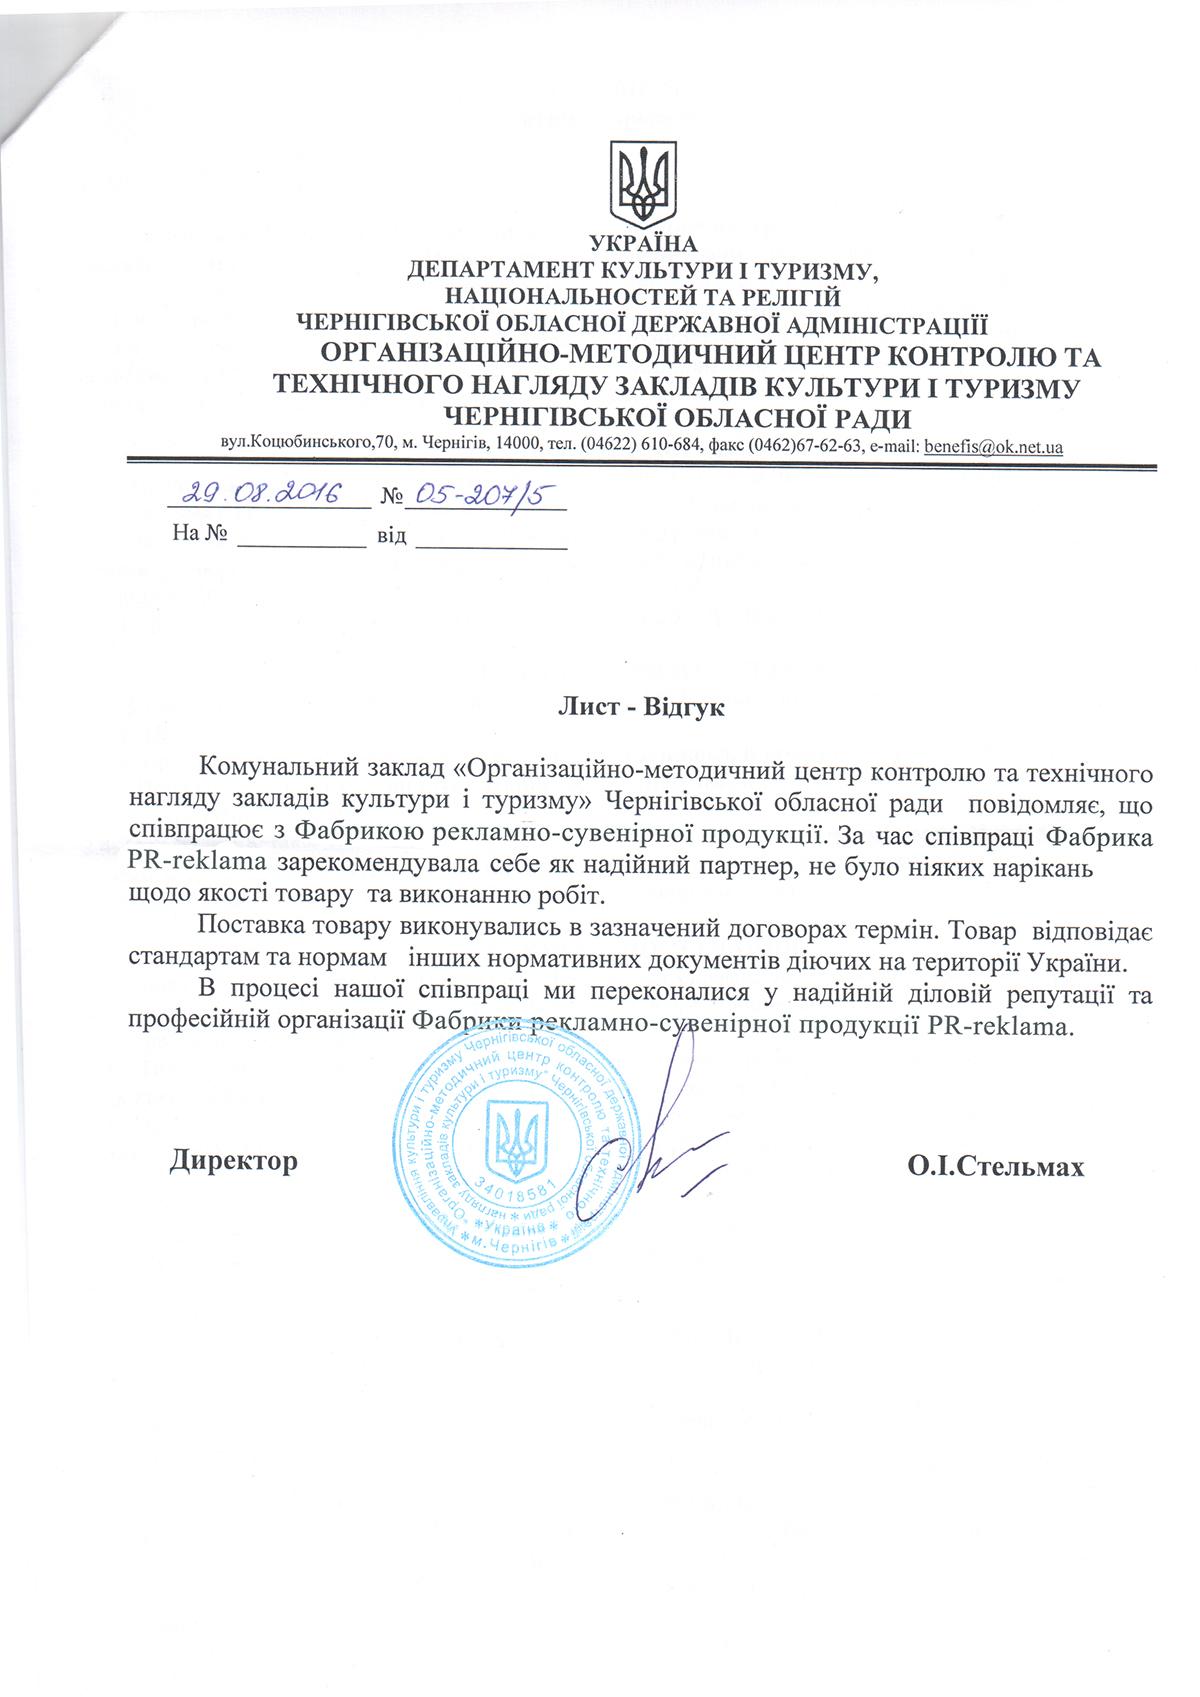 Отзывы ОМГ контроля и технадзора Черниговской ОГА